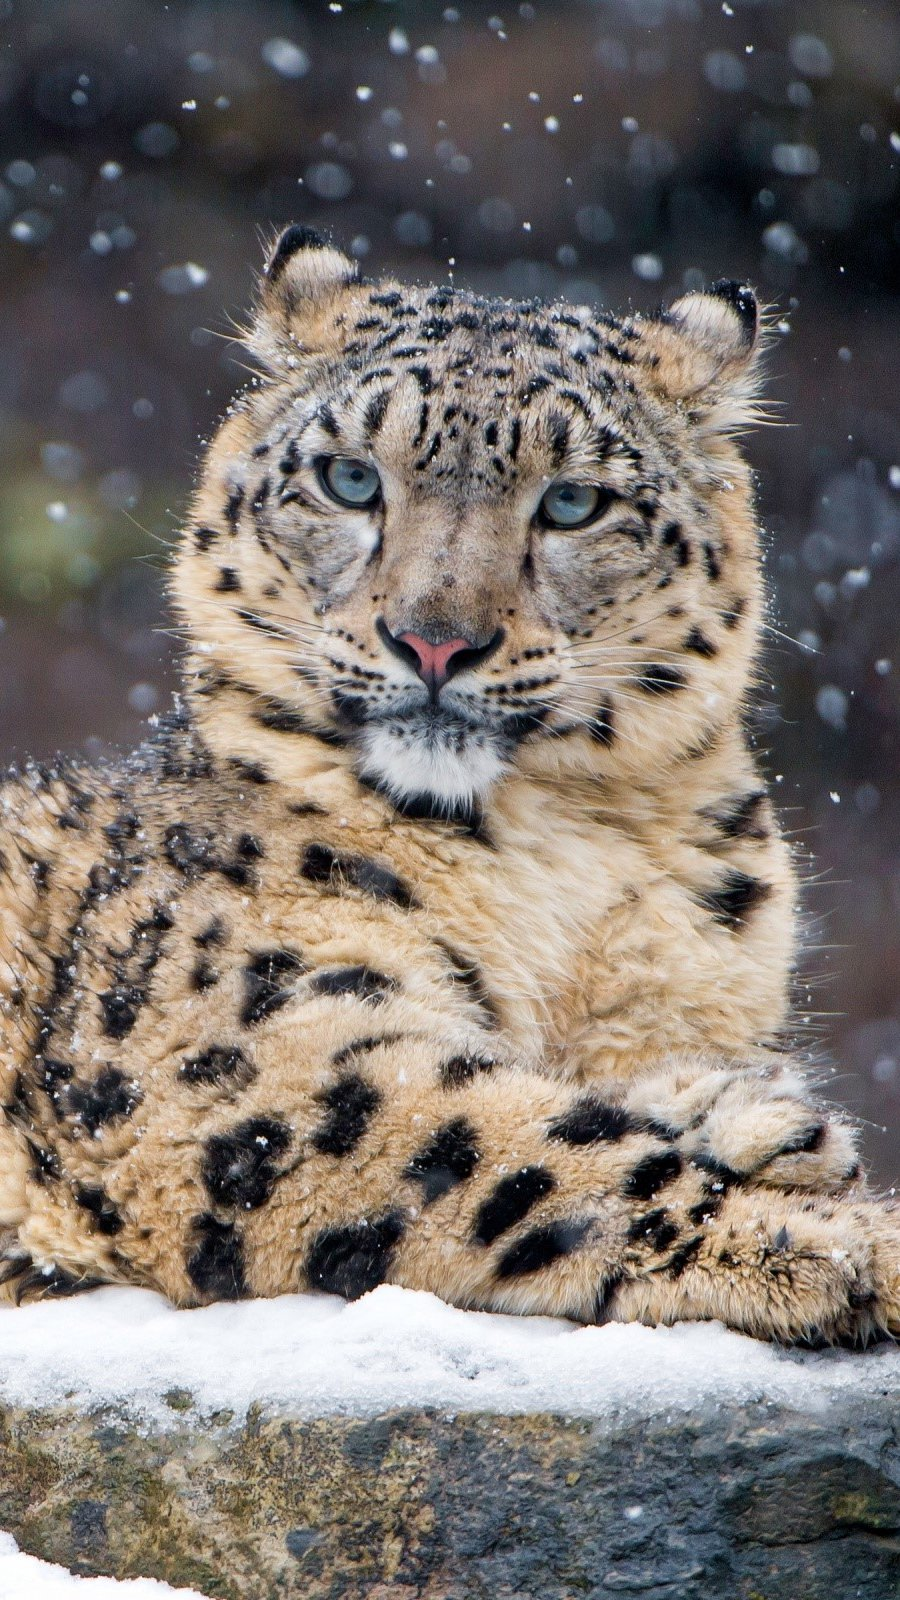 Fondos de pantalla Leopardo en la nieve Vertical